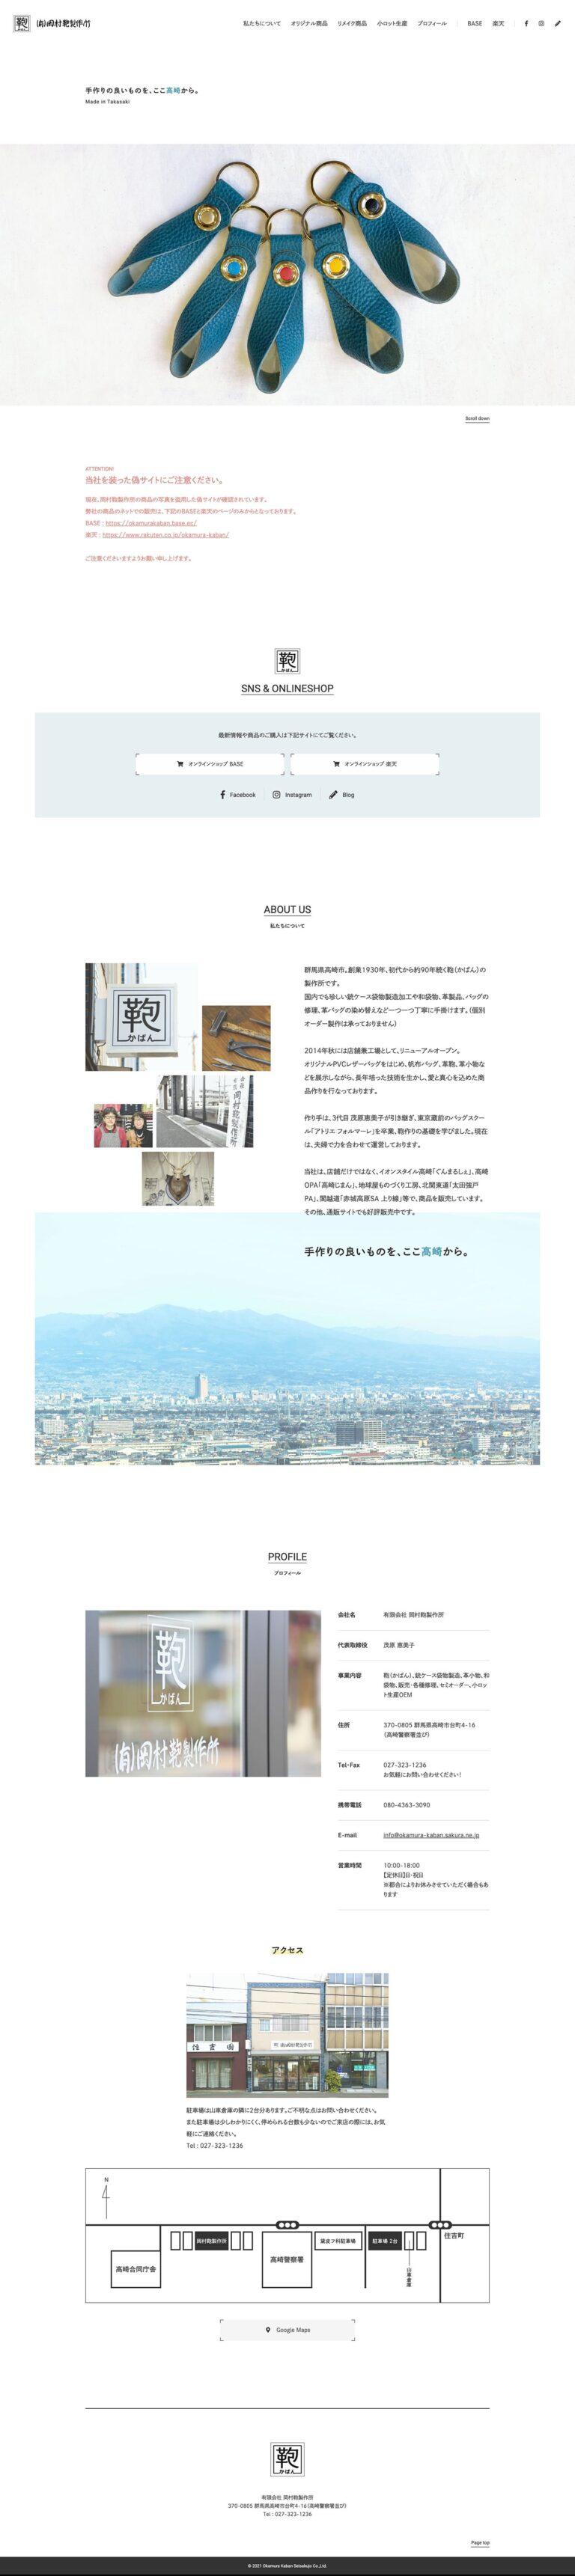 岡村鞄製作所|鞄の販売・修理 - 群馬県高崎市